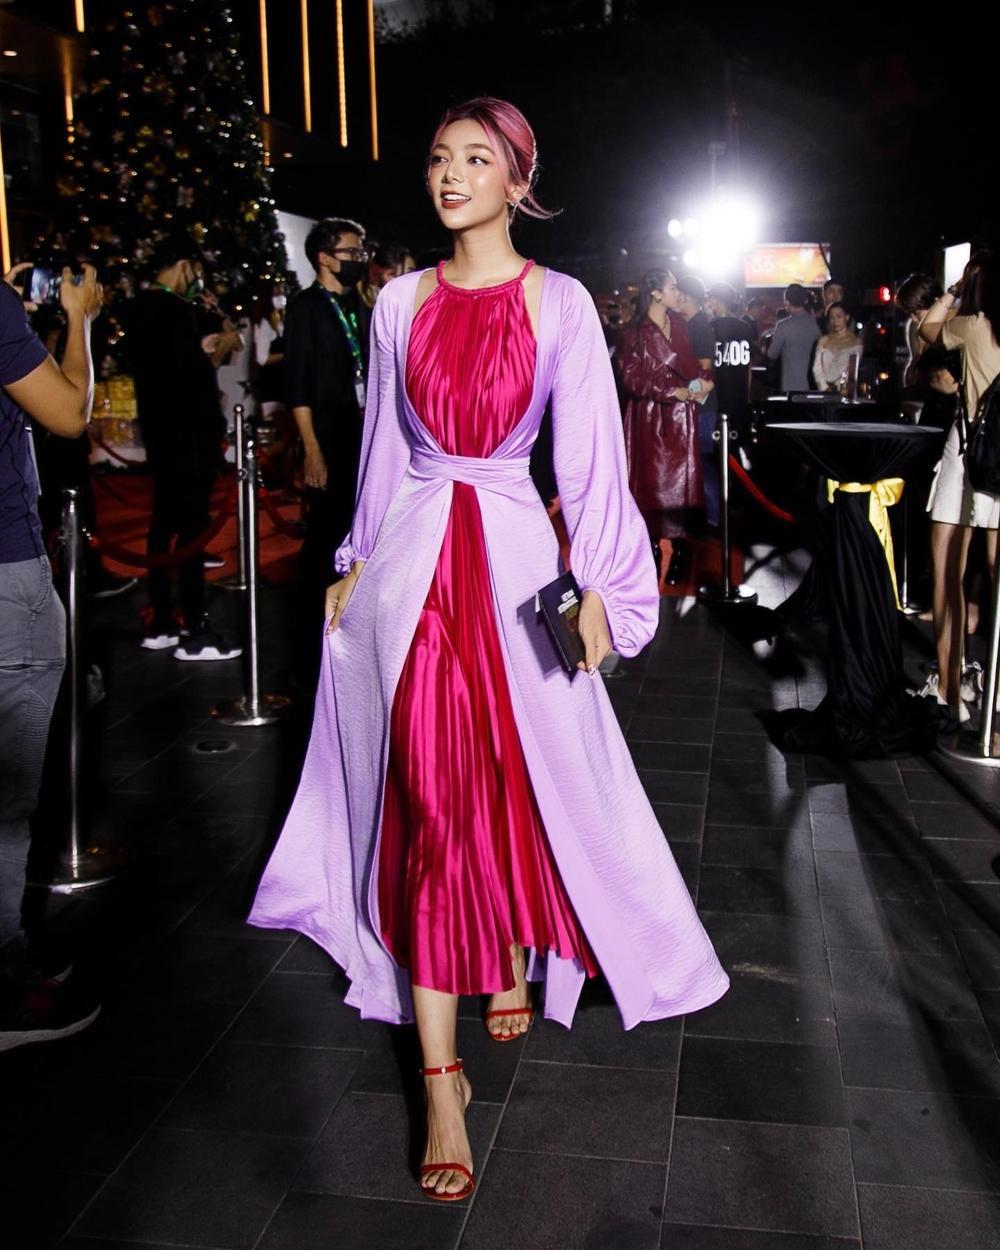 Không chỉ nhan sắc cực phẩm, Katleen Phan Võ còn sở hữu gu ăn diện thảm đỏ 'bén lẹm' Ảnh 16